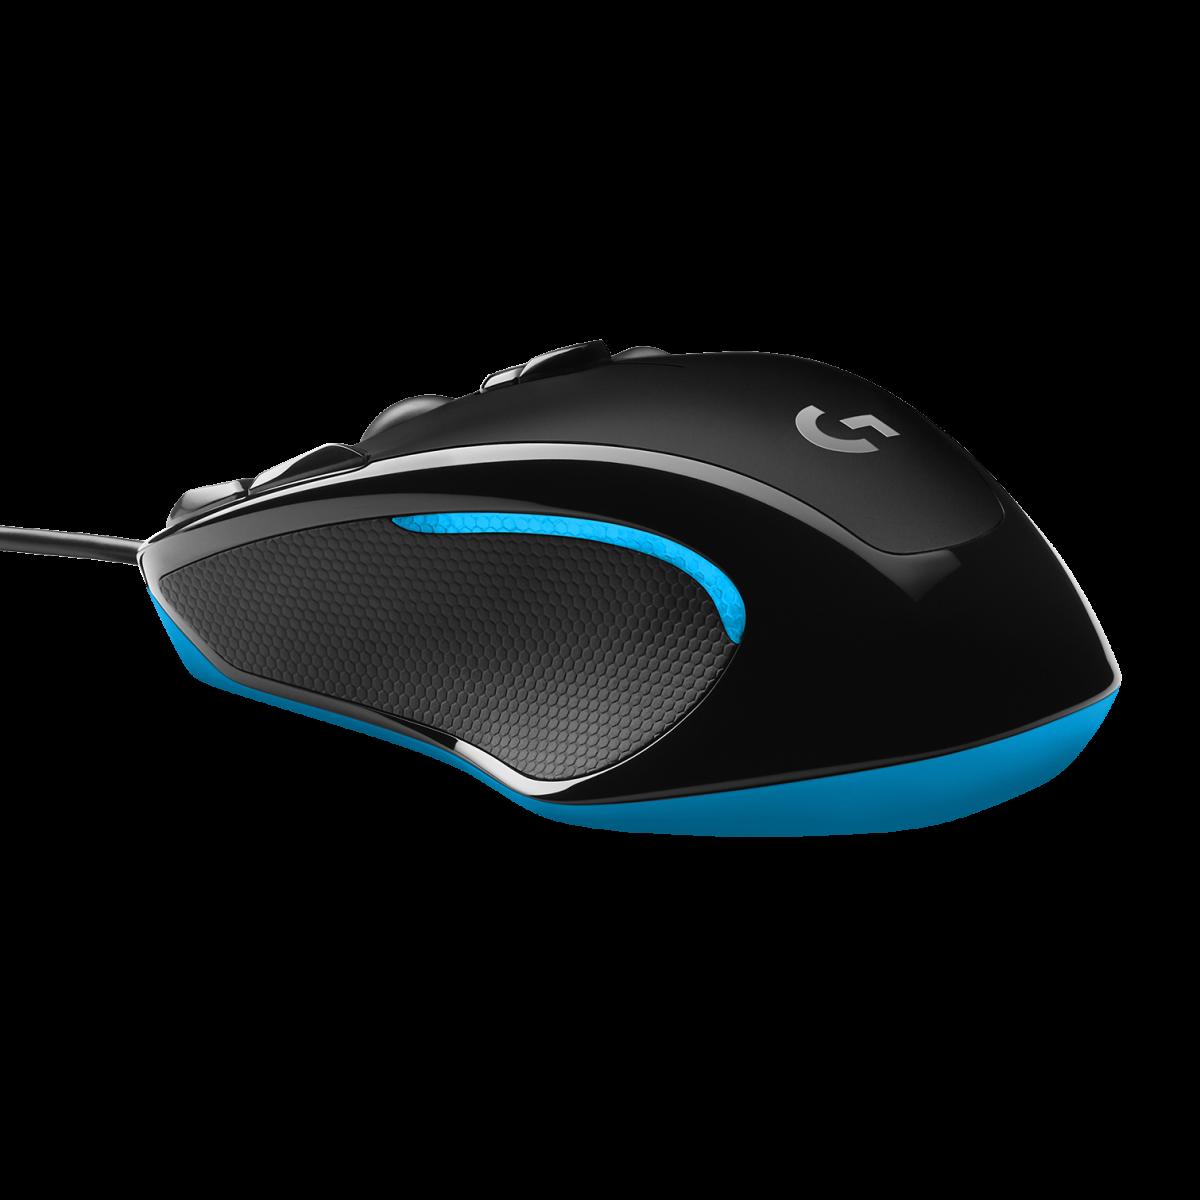 Mouse Gamer G300S 2500 DPI - Logitech